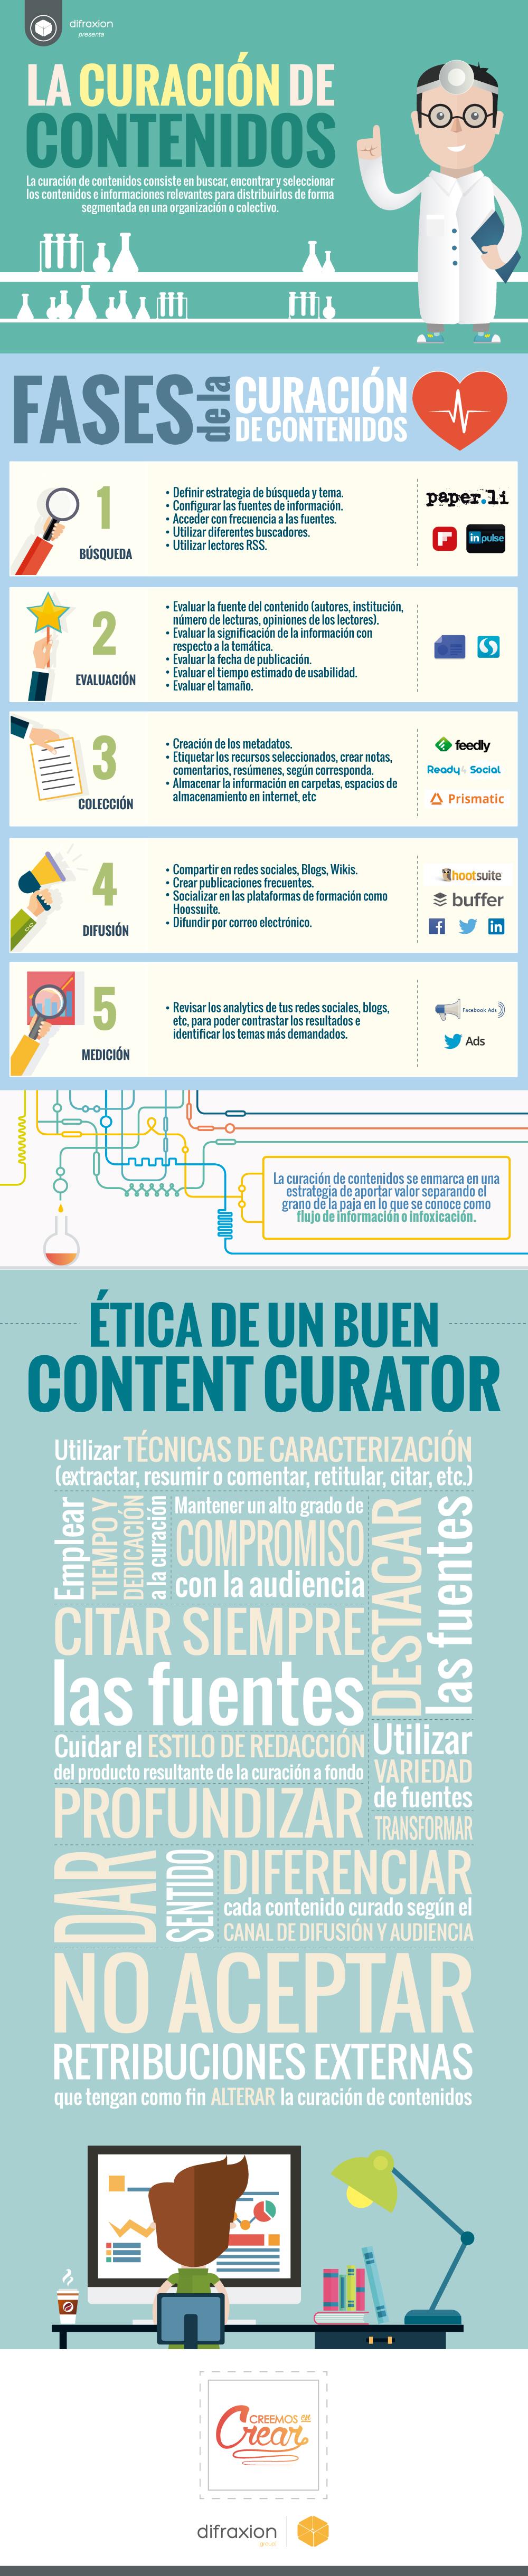 curacion-contenidos-infografia